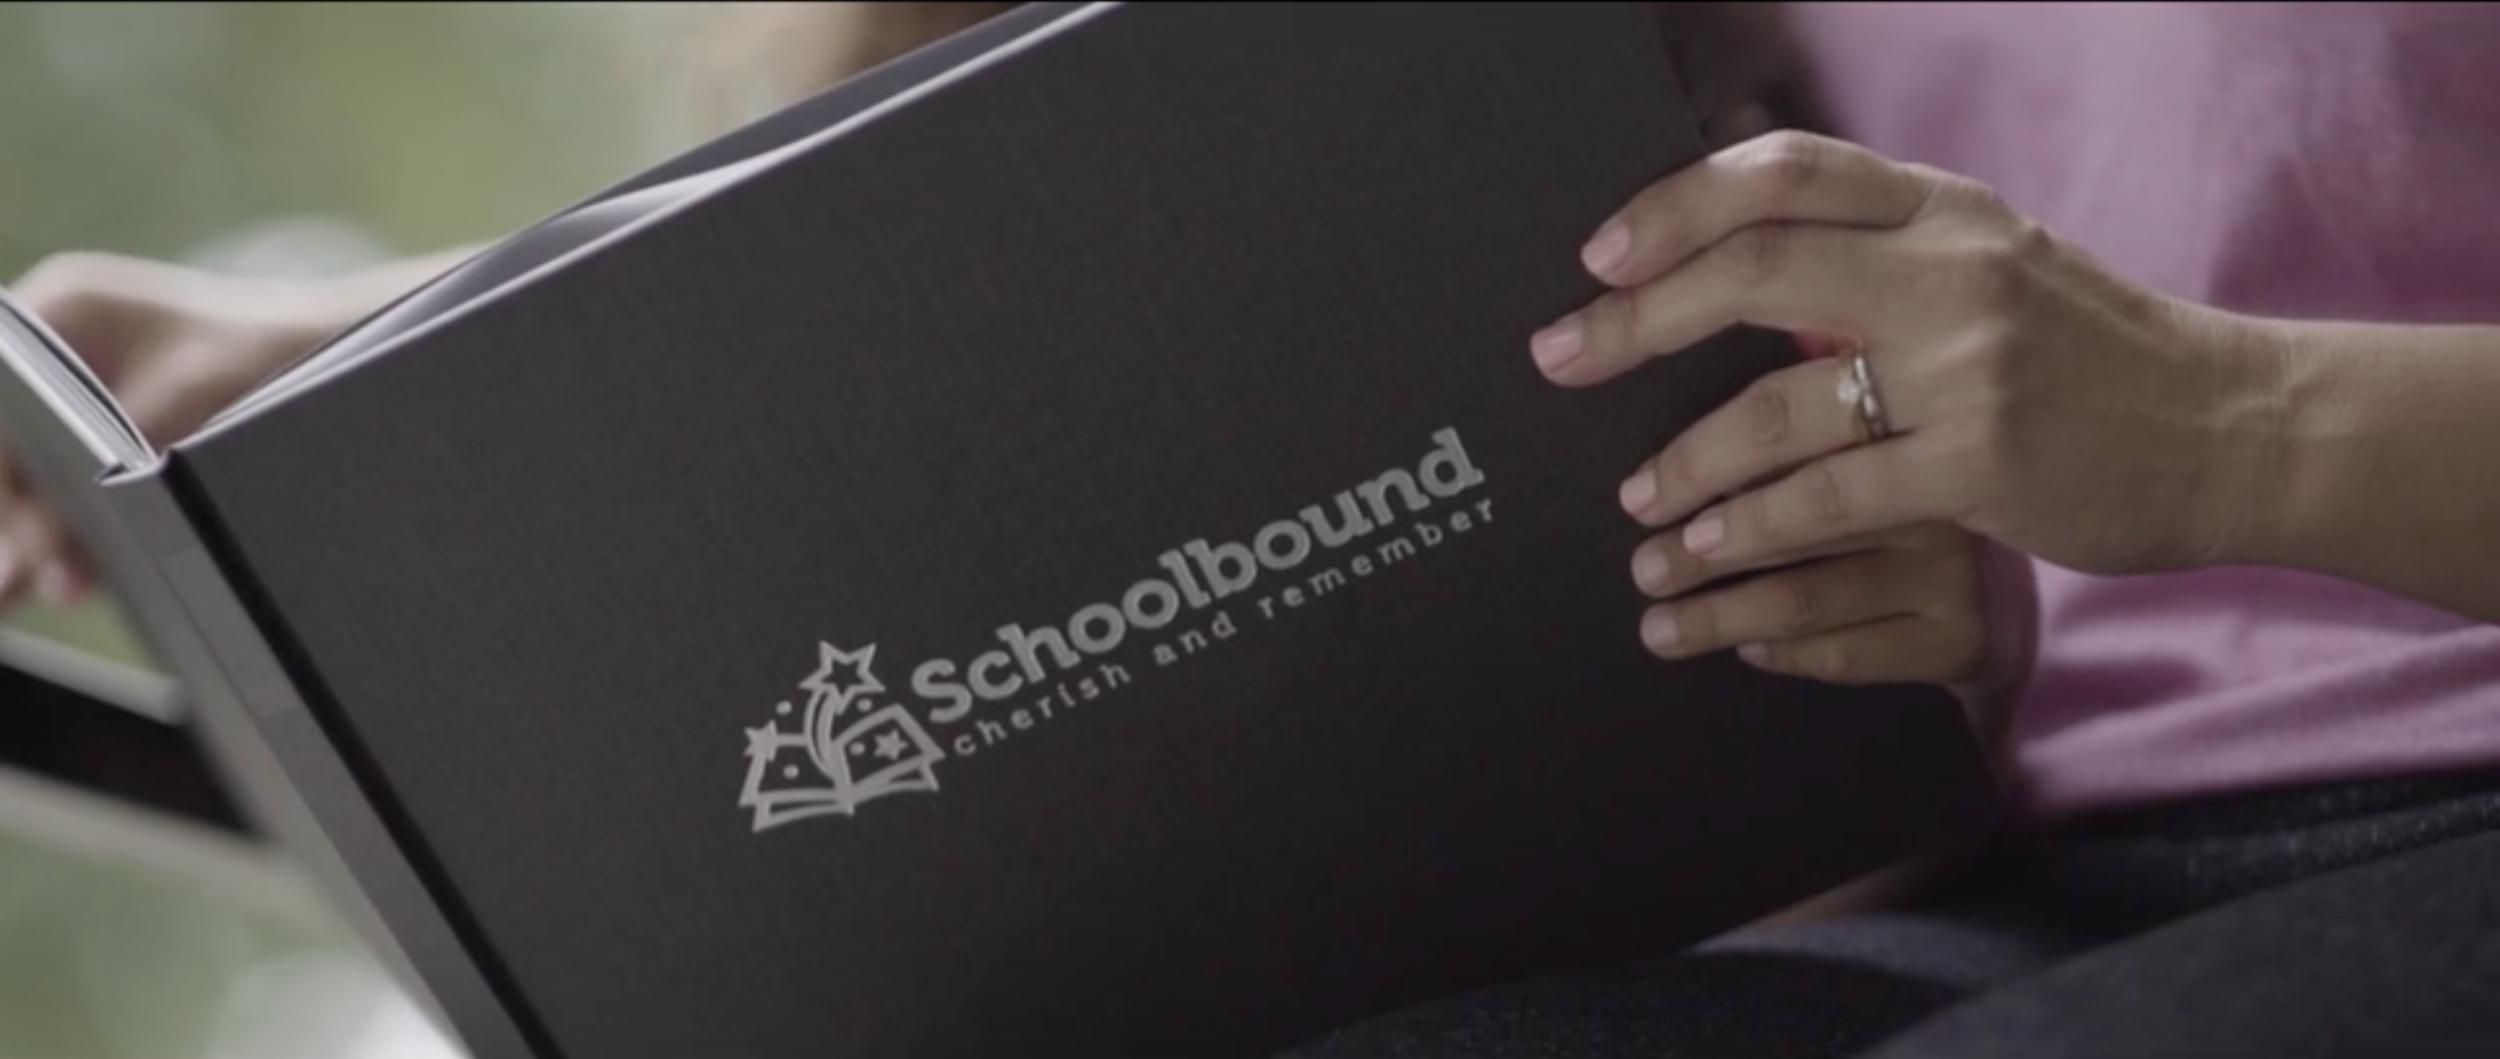 Schoolbound -